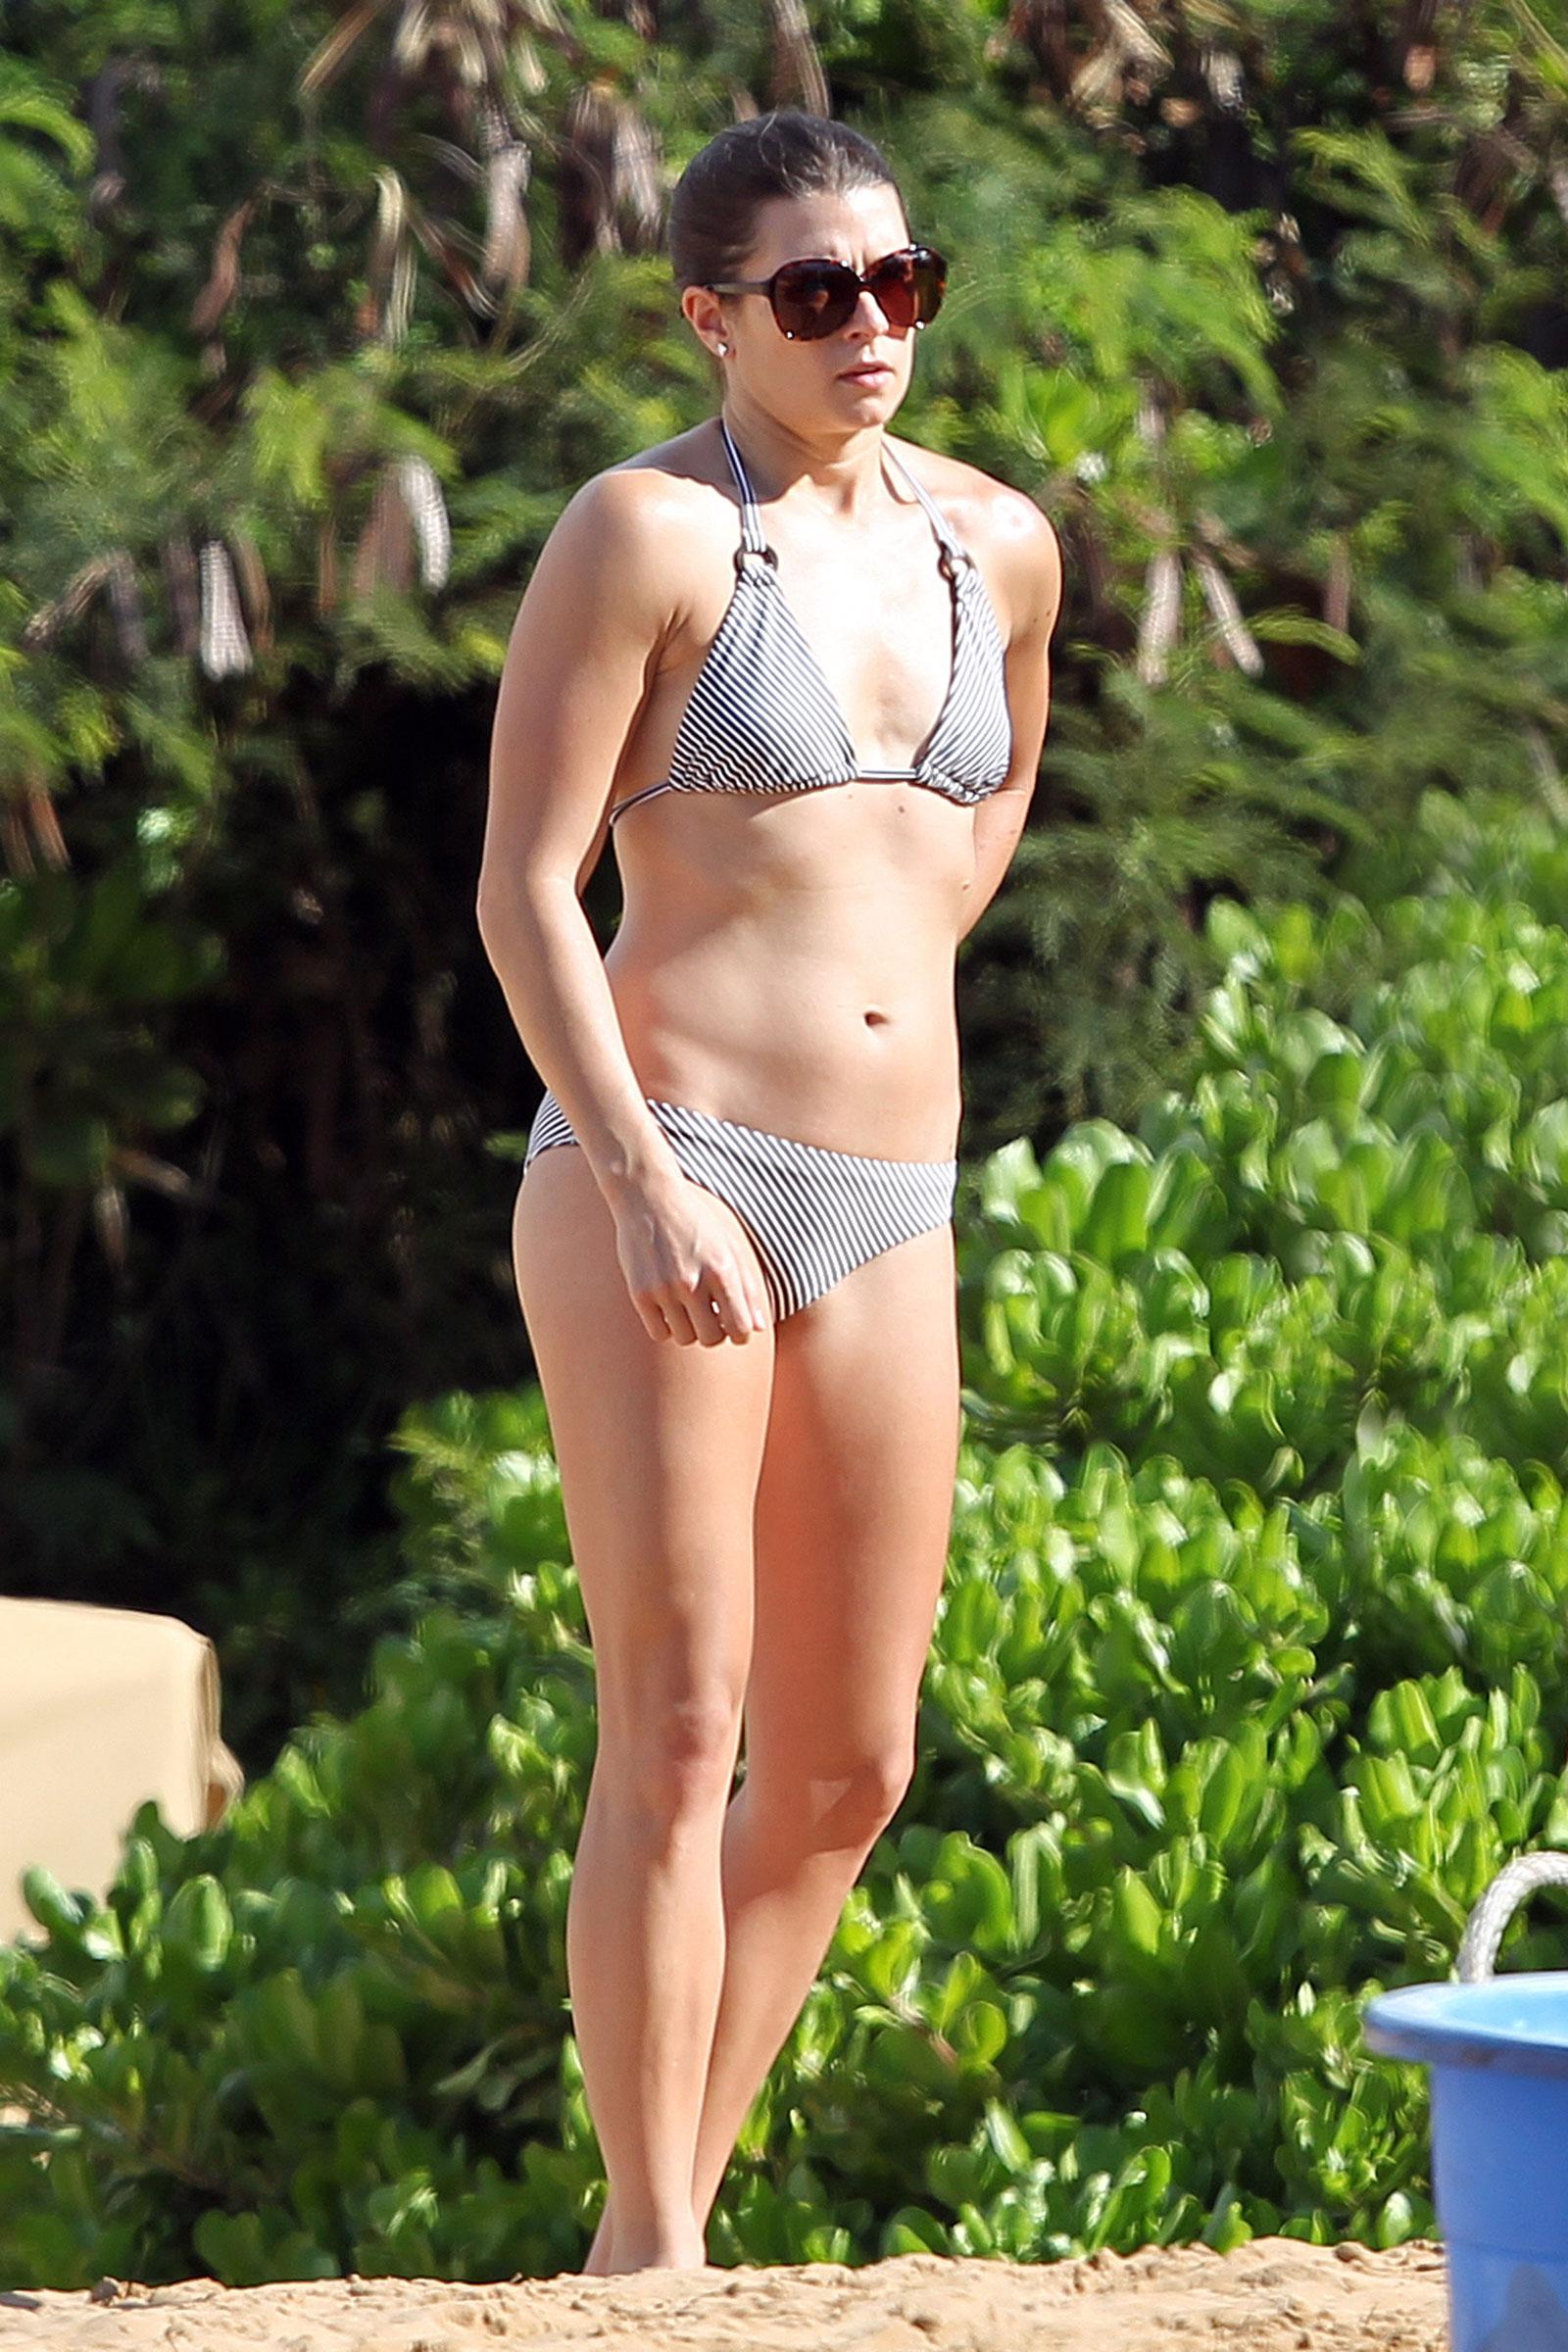 Dania patrick bikini photos